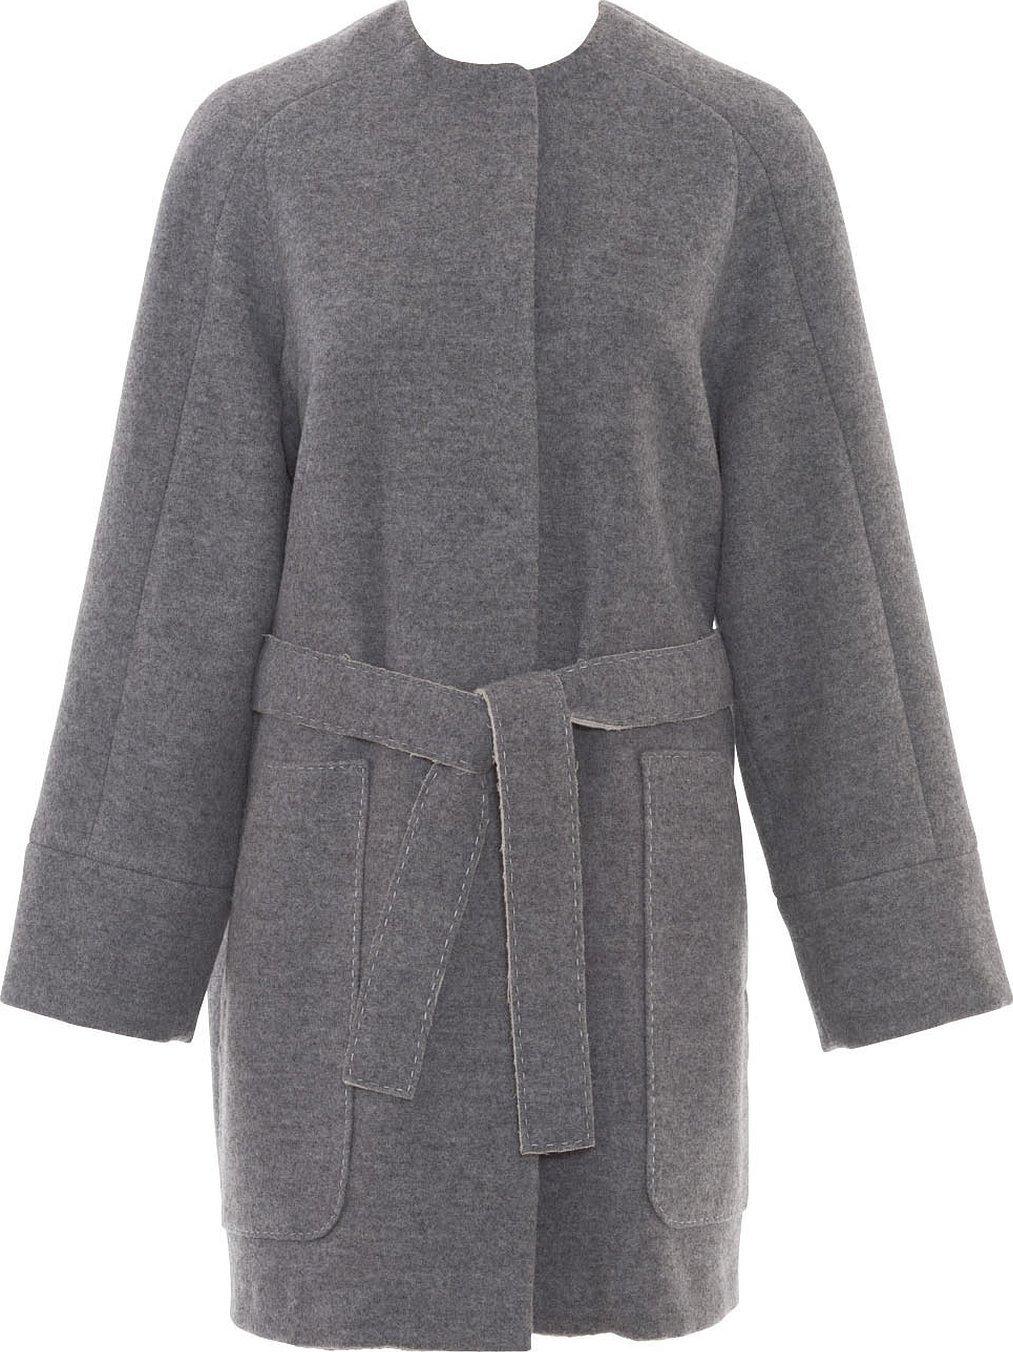 Пальто женское демисезонное серое